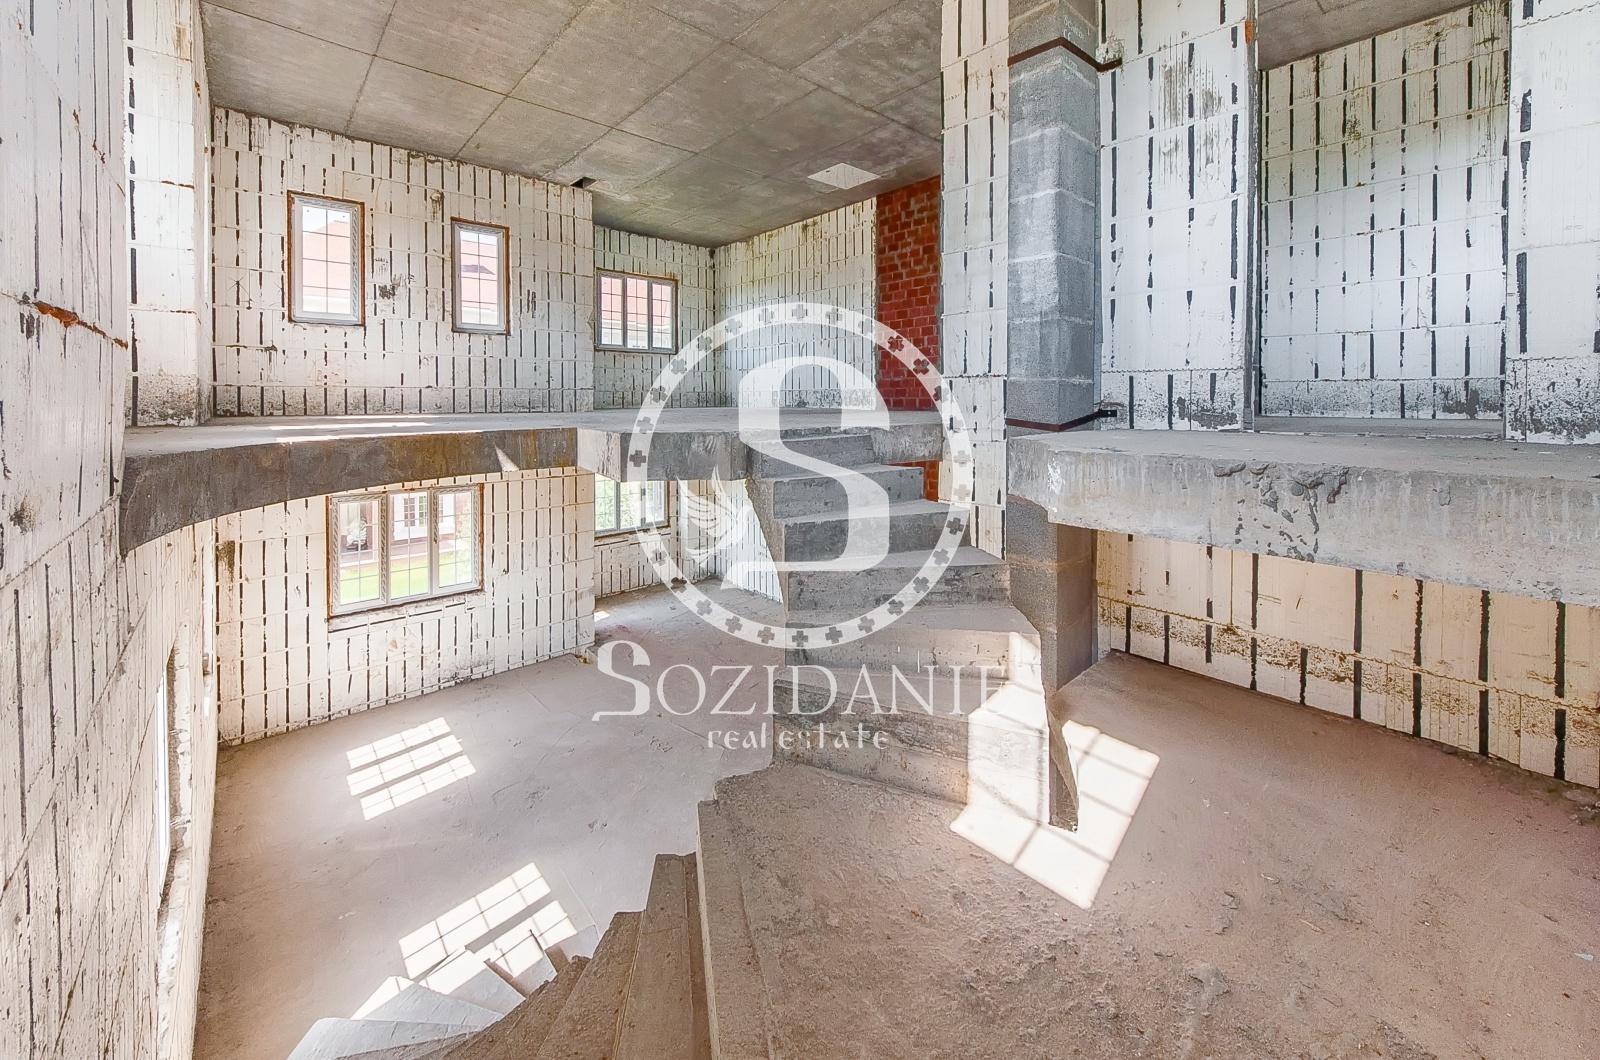 4 Bedrooms, Загородная, Продажа, Listing ID 1218, Московская область, Россия,